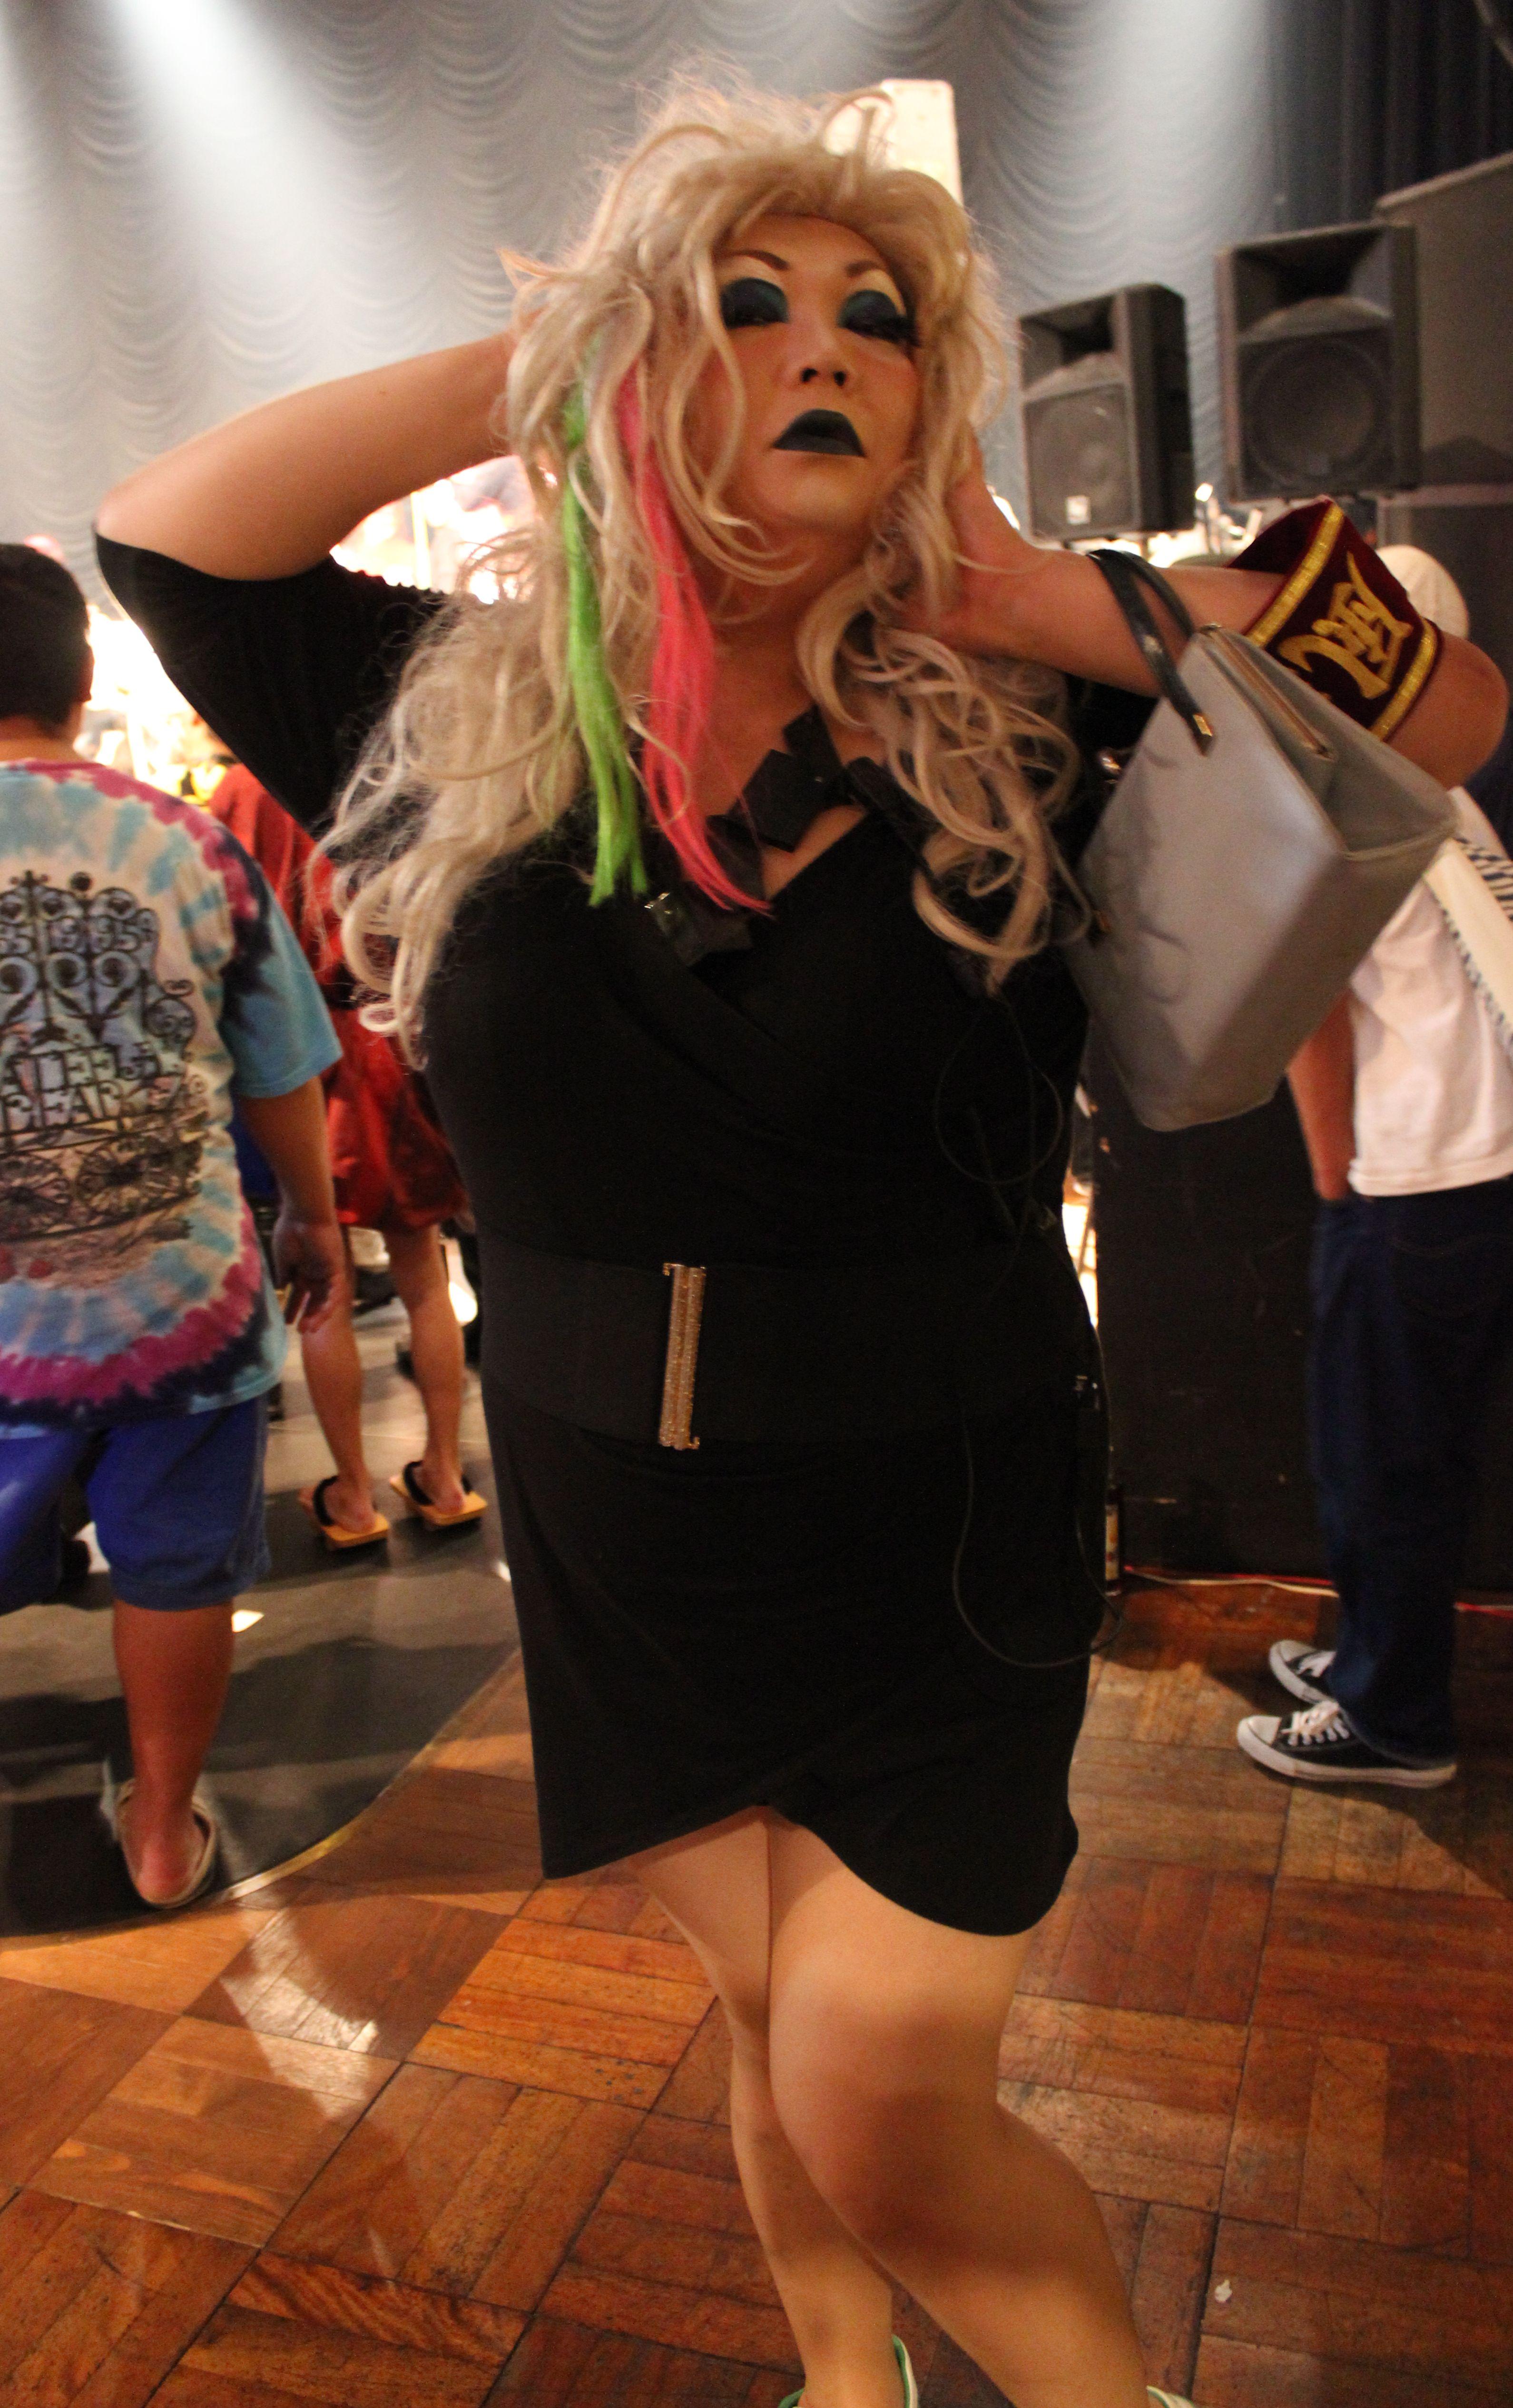 デパートメントH 2099@鶯谷東京キネマ倶楽部 2014年11月~美しき者達の饗宴!~ドラァグクイーン・ラバリスト・ドーラー~